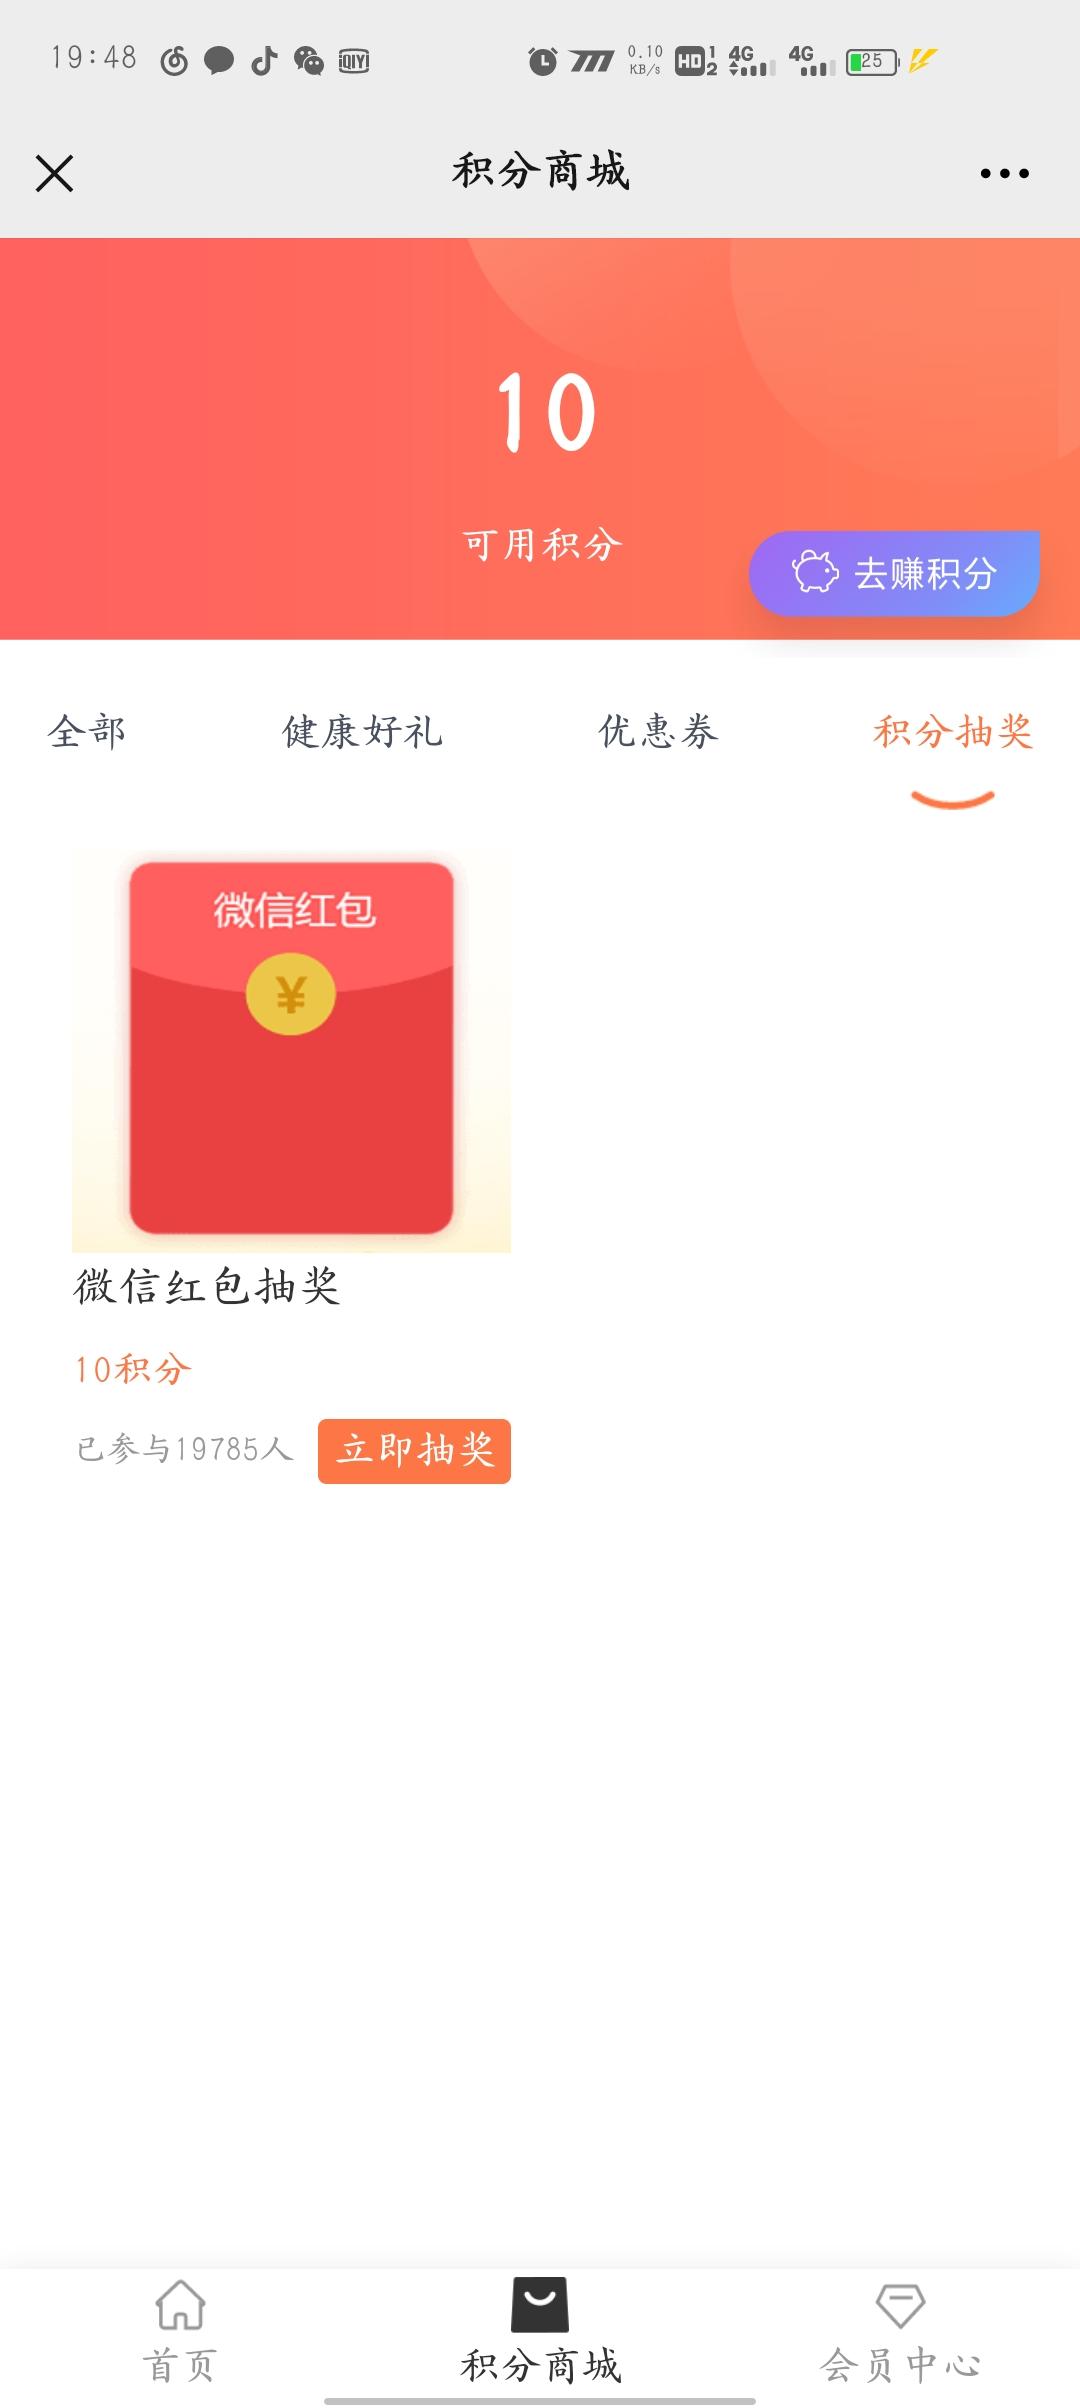 微信公众平台南宁市疾病预防插图2